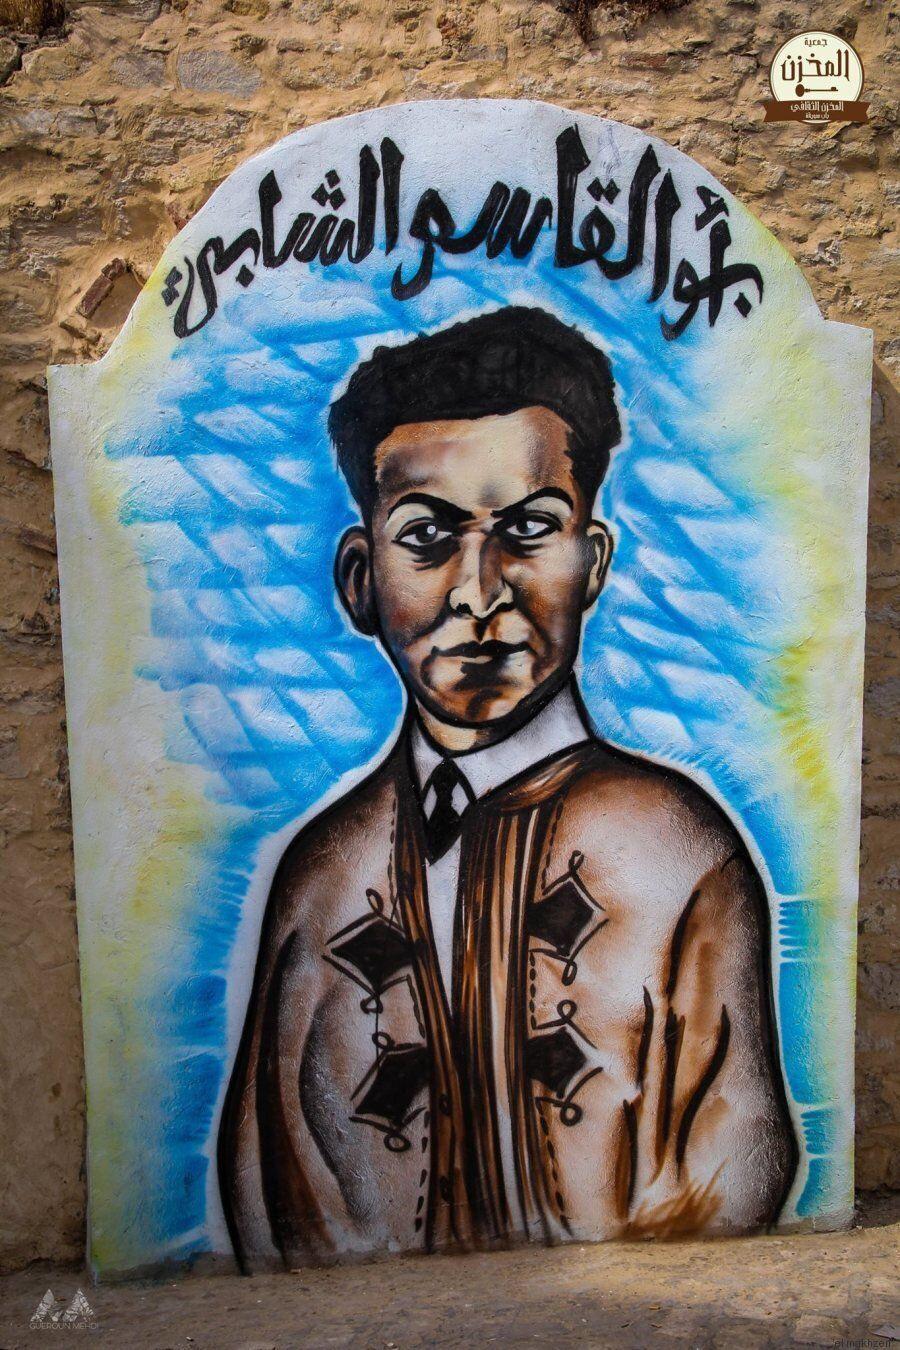 Ces graffitis de célébrités tunisiennes ornent un mur de Bab Souika à Tunis